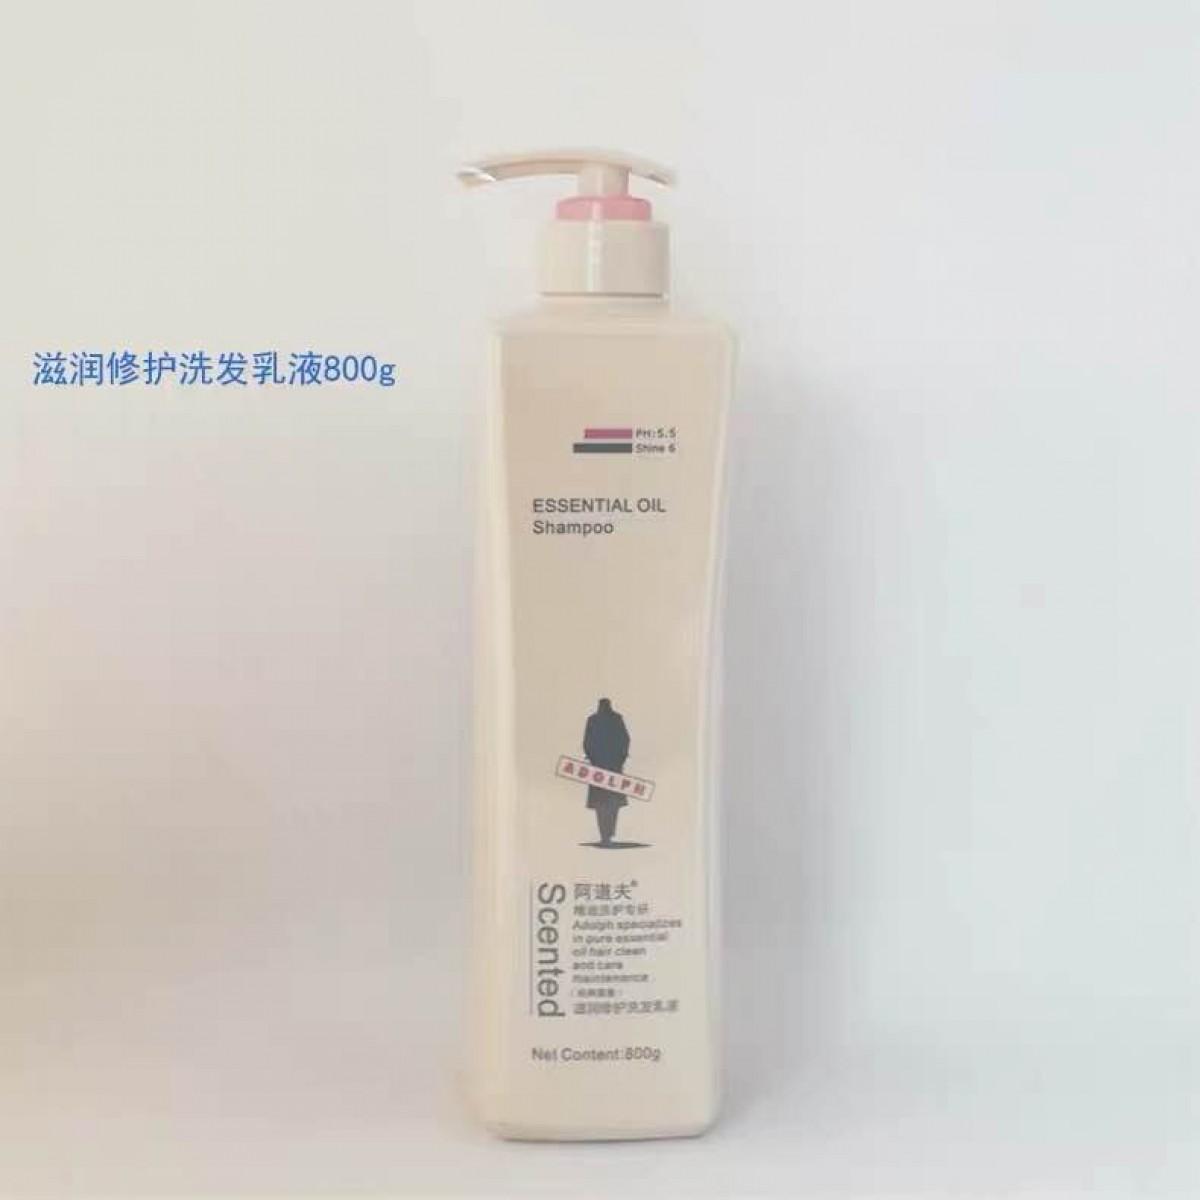 阿道夫(ADOLPH) 滋润修护洗发乳液 800g